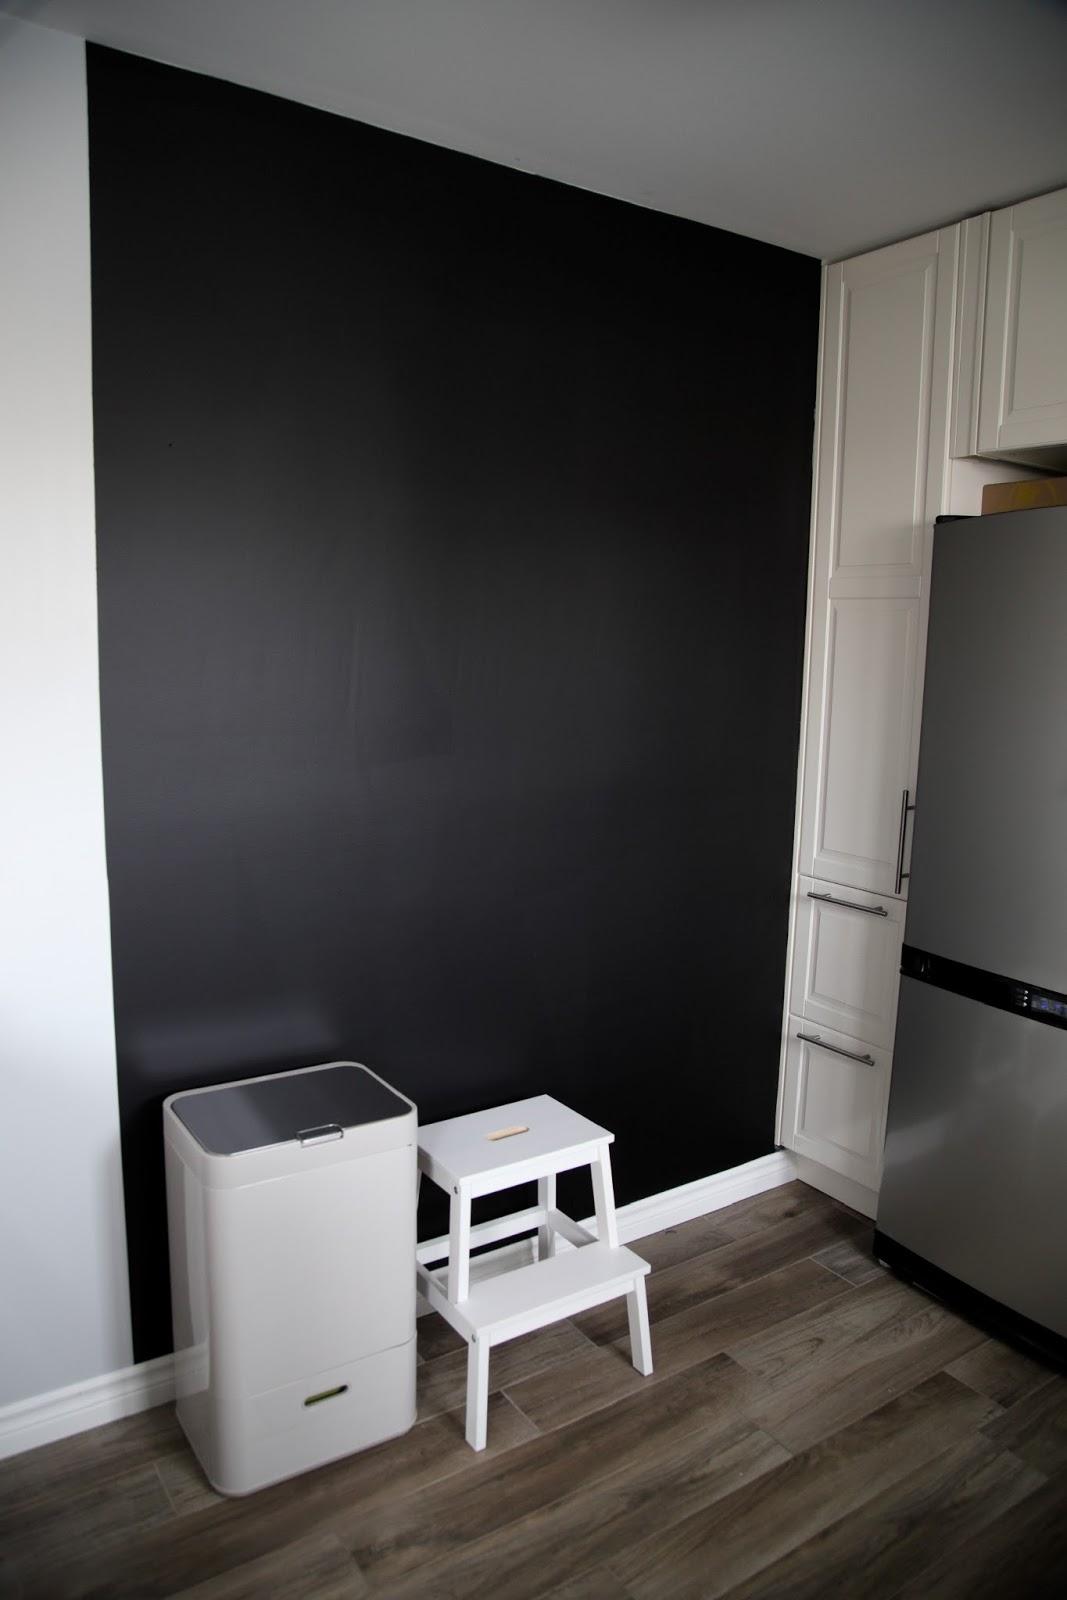 tableau ardoise pour cuisine plus tableau noir fait. Black Bedroom Furniture Sets. Home Design Ideas